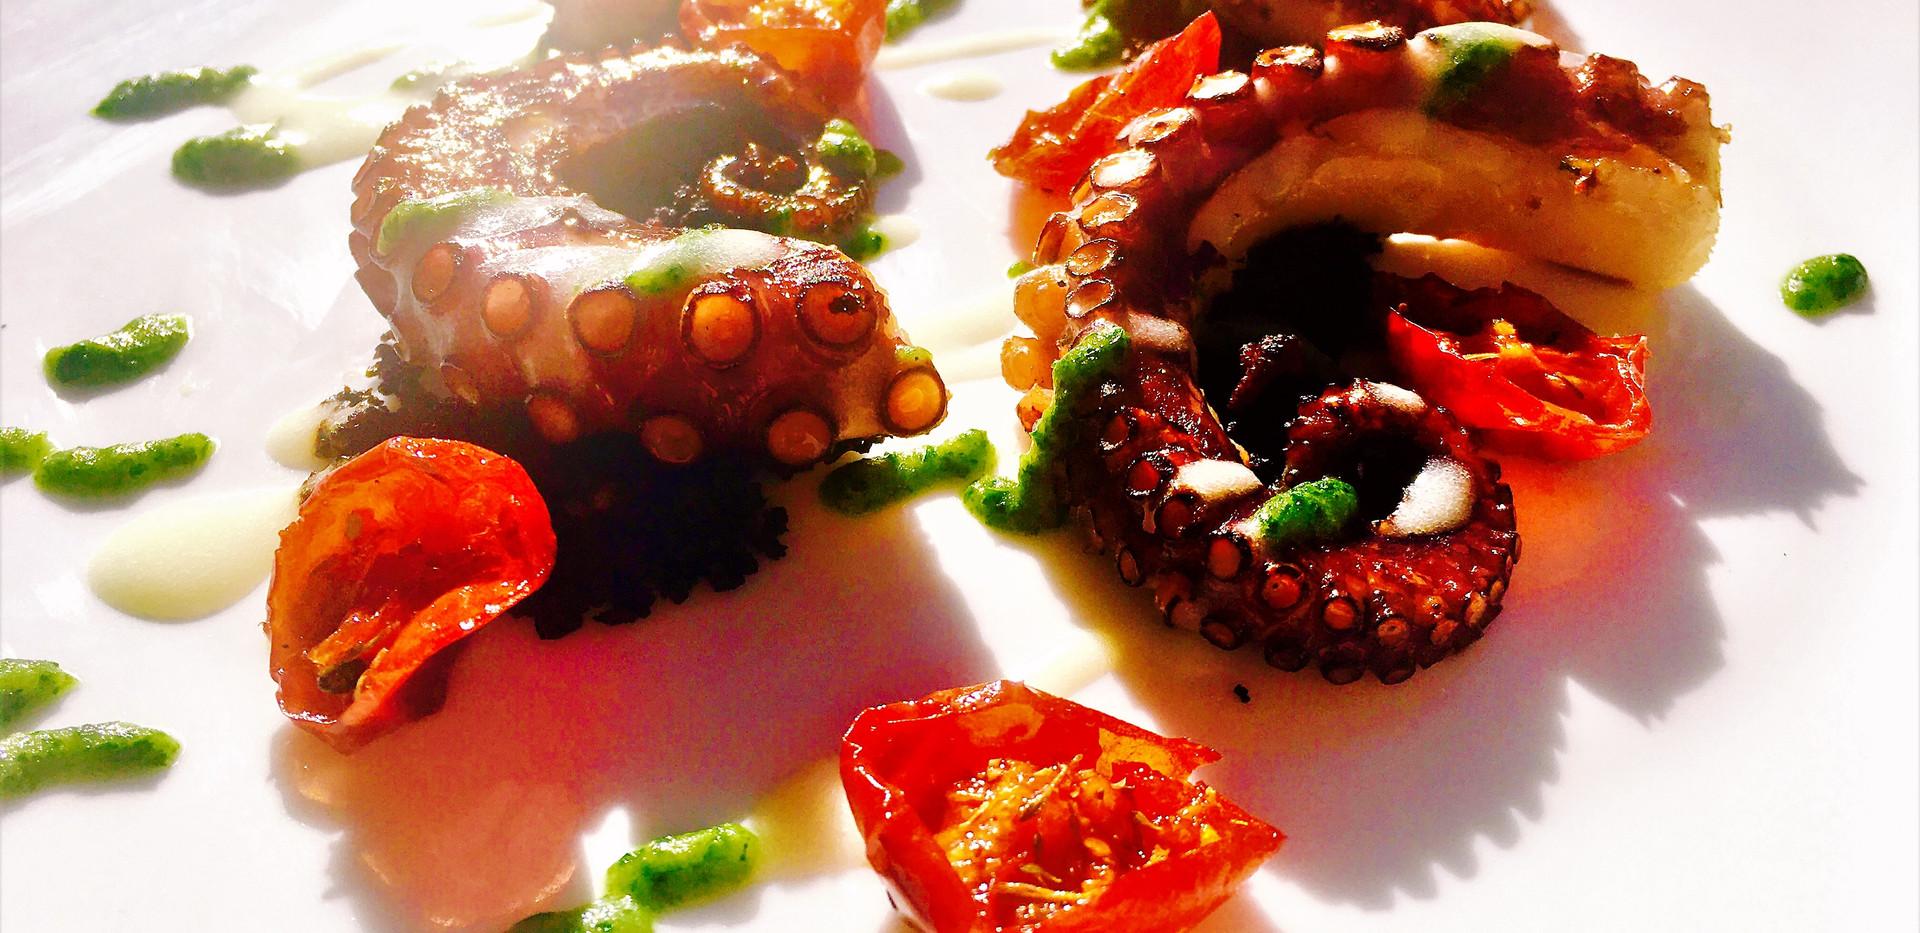 Polpo alla griglia con salsa di patate al latte, pomodori confit, polvere di olive nere e salsa al prezzemolo